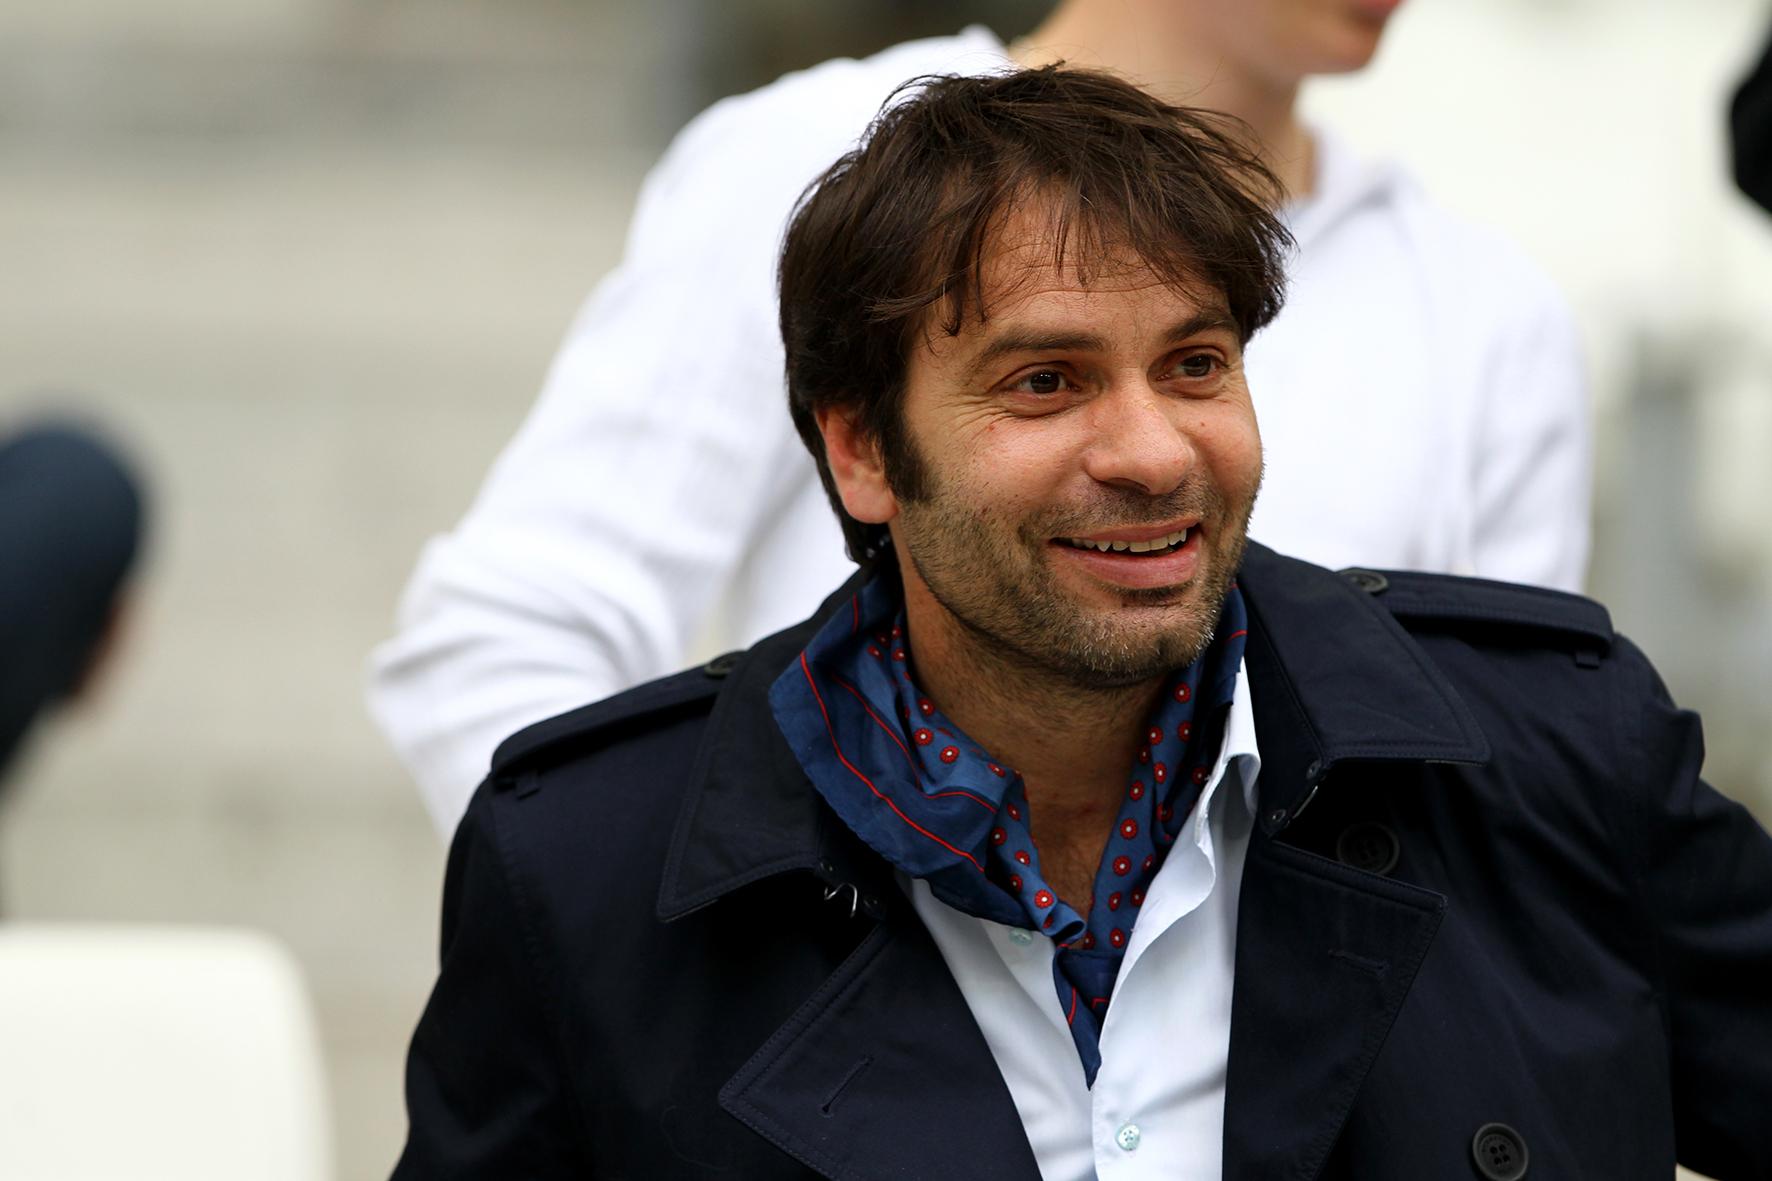 Rugby - Pro D2 - Un richissime investisseur émirati veut racheter le club de Béziers affirme Dominici